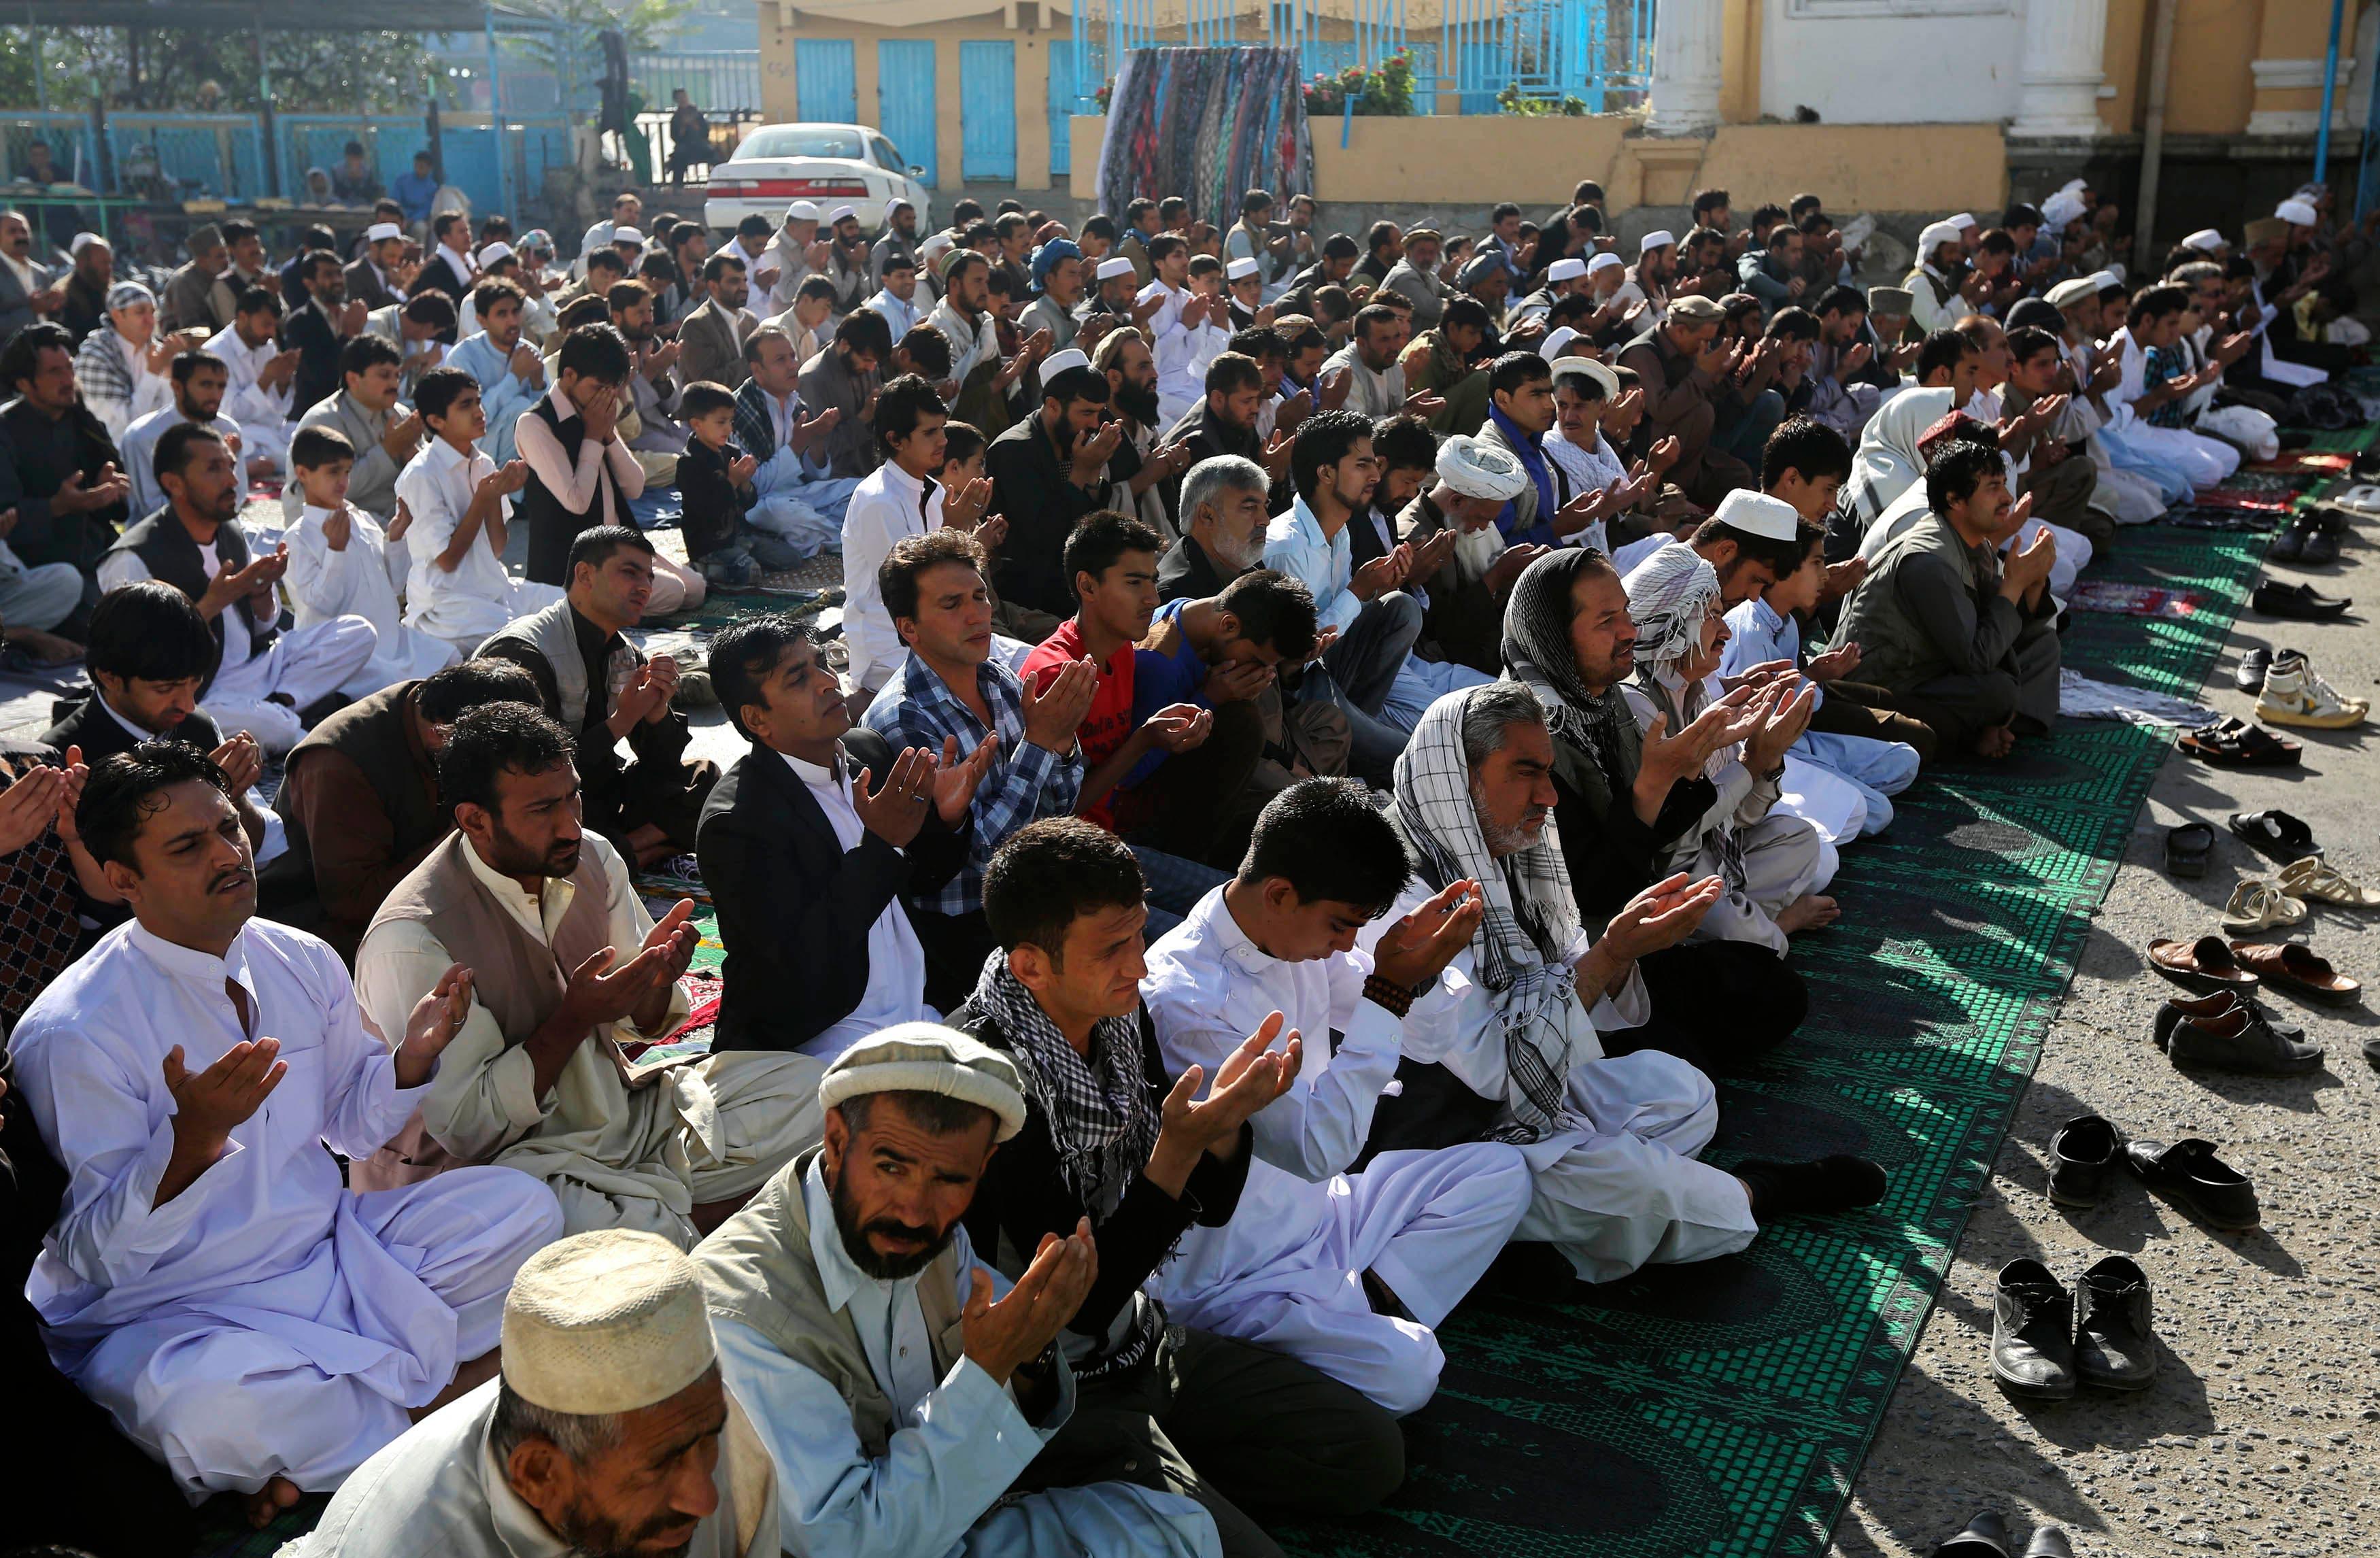 AFGHANISTAN: Afghan men pray during Eid al-Adha prayers in Kabul October 15, 2013.  (Reuters)